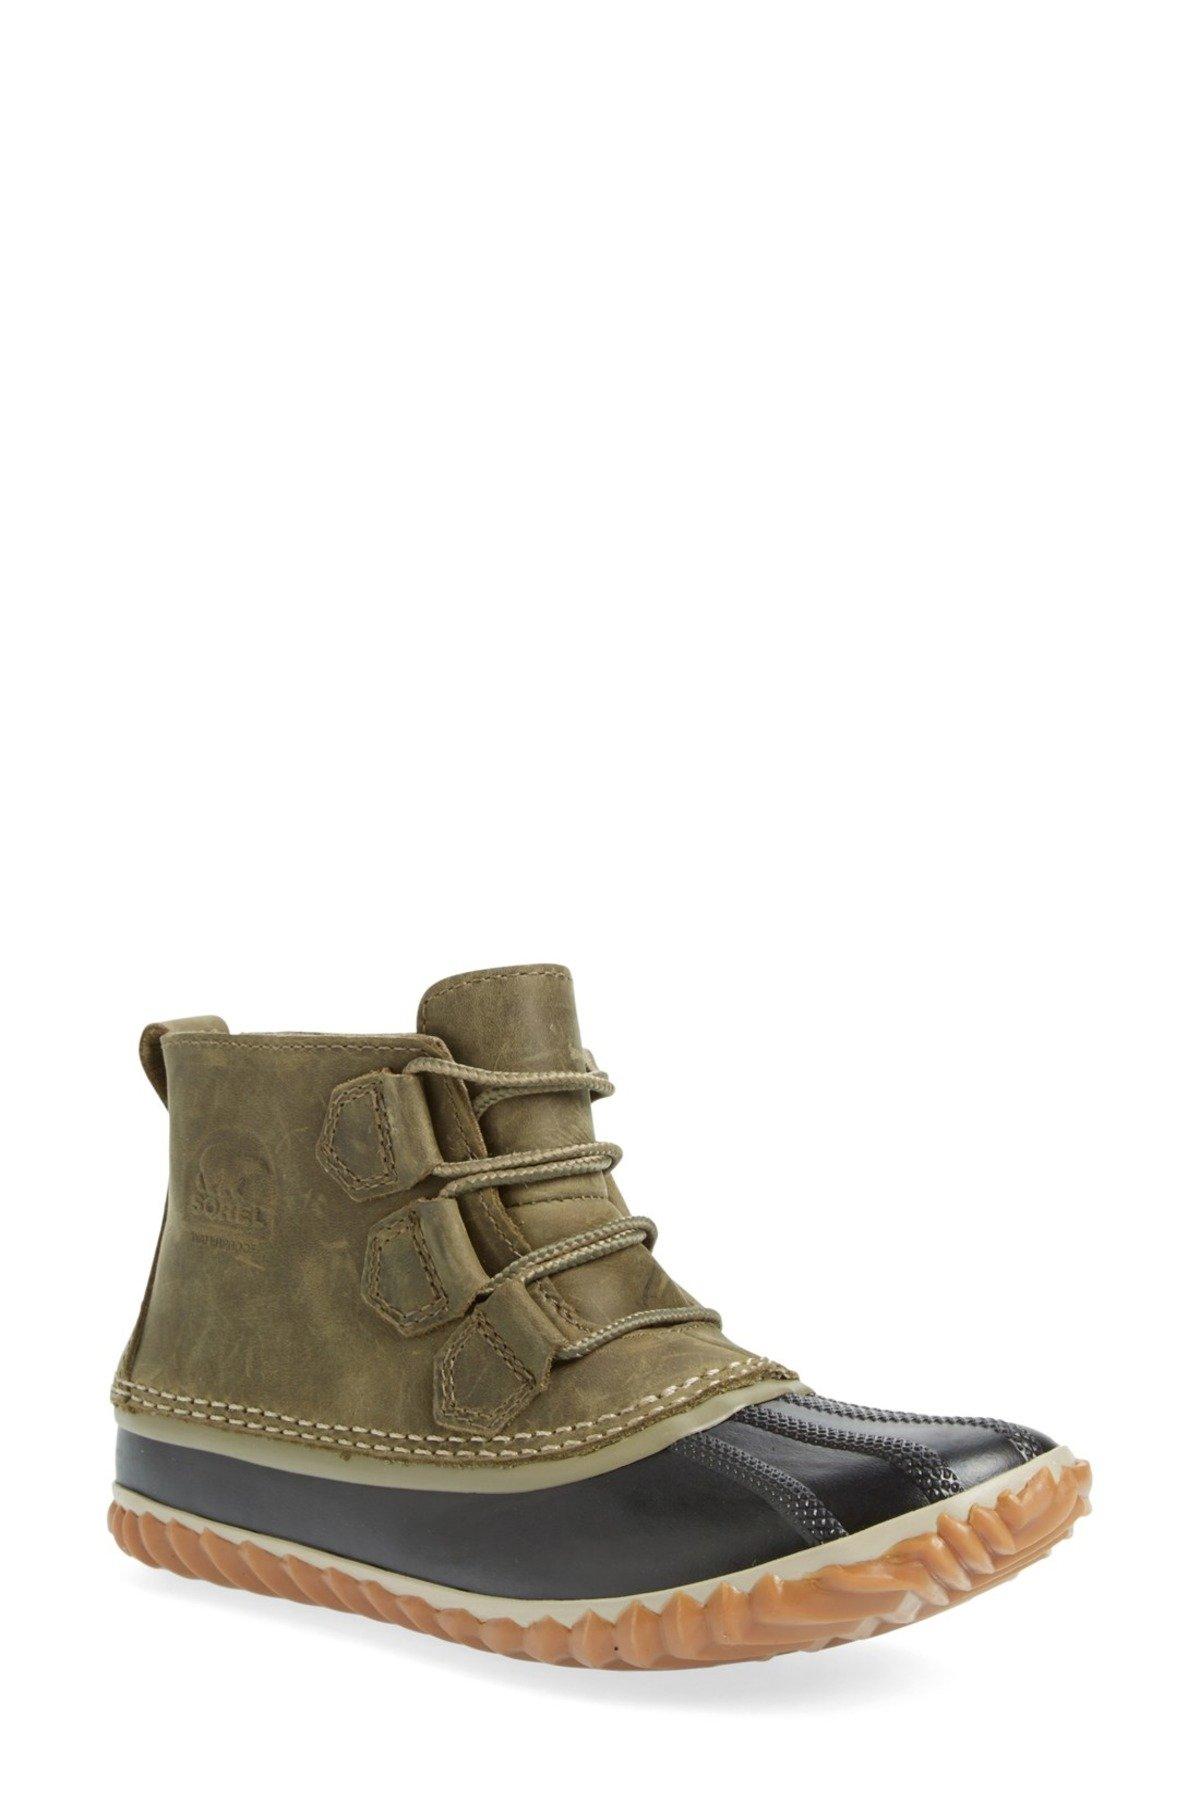 Lyst Sorel Out N About Waterproof Boot Women In Green